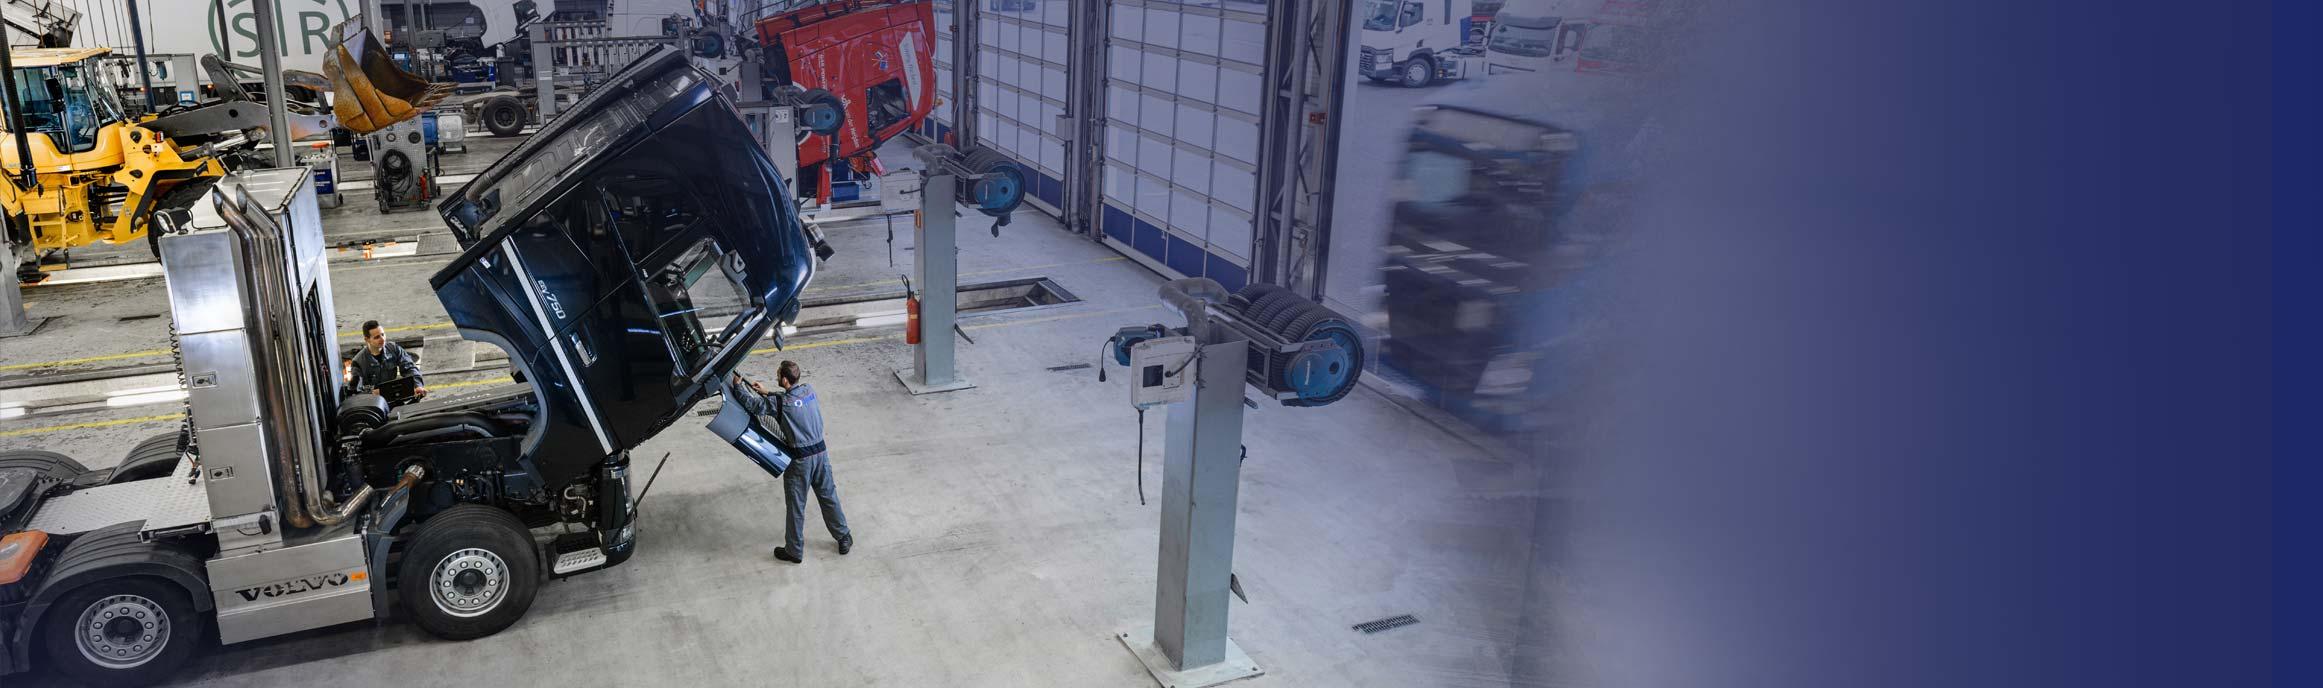 Truck reparatie en onderhoud bij BAS Truck Center